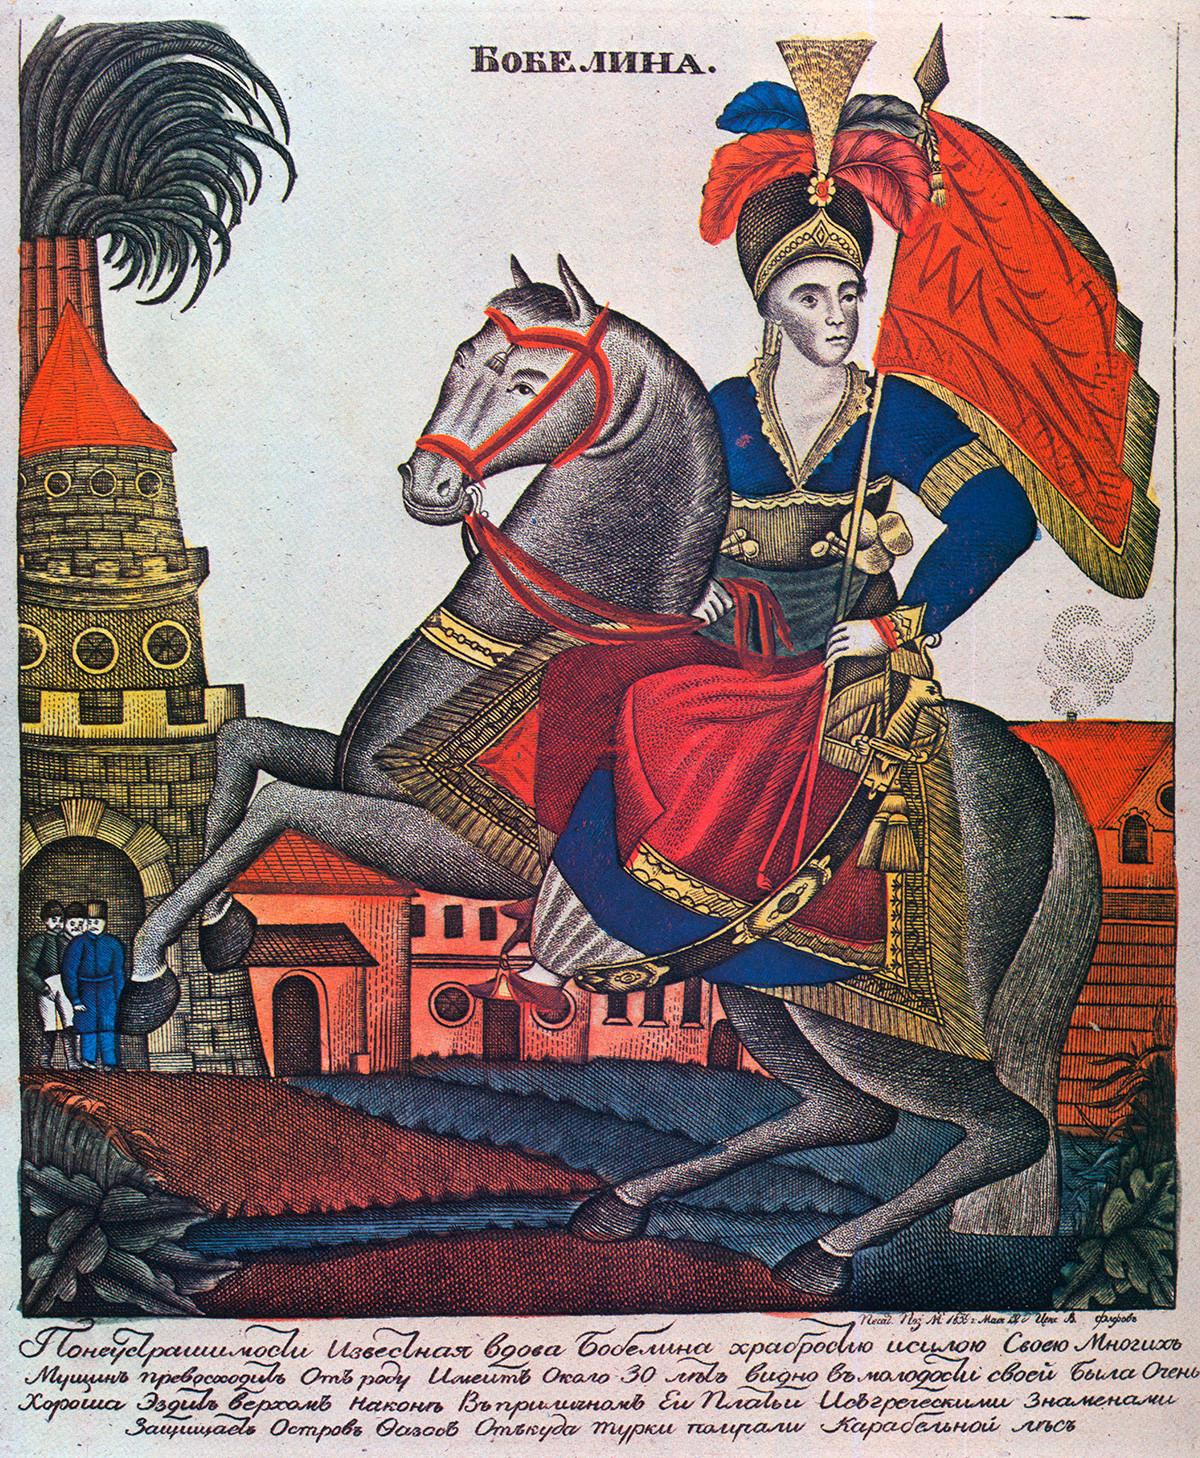 Ласкарина Бубулина, јунакиња Грчког рата за независност. Лубок, почетак 19. века.